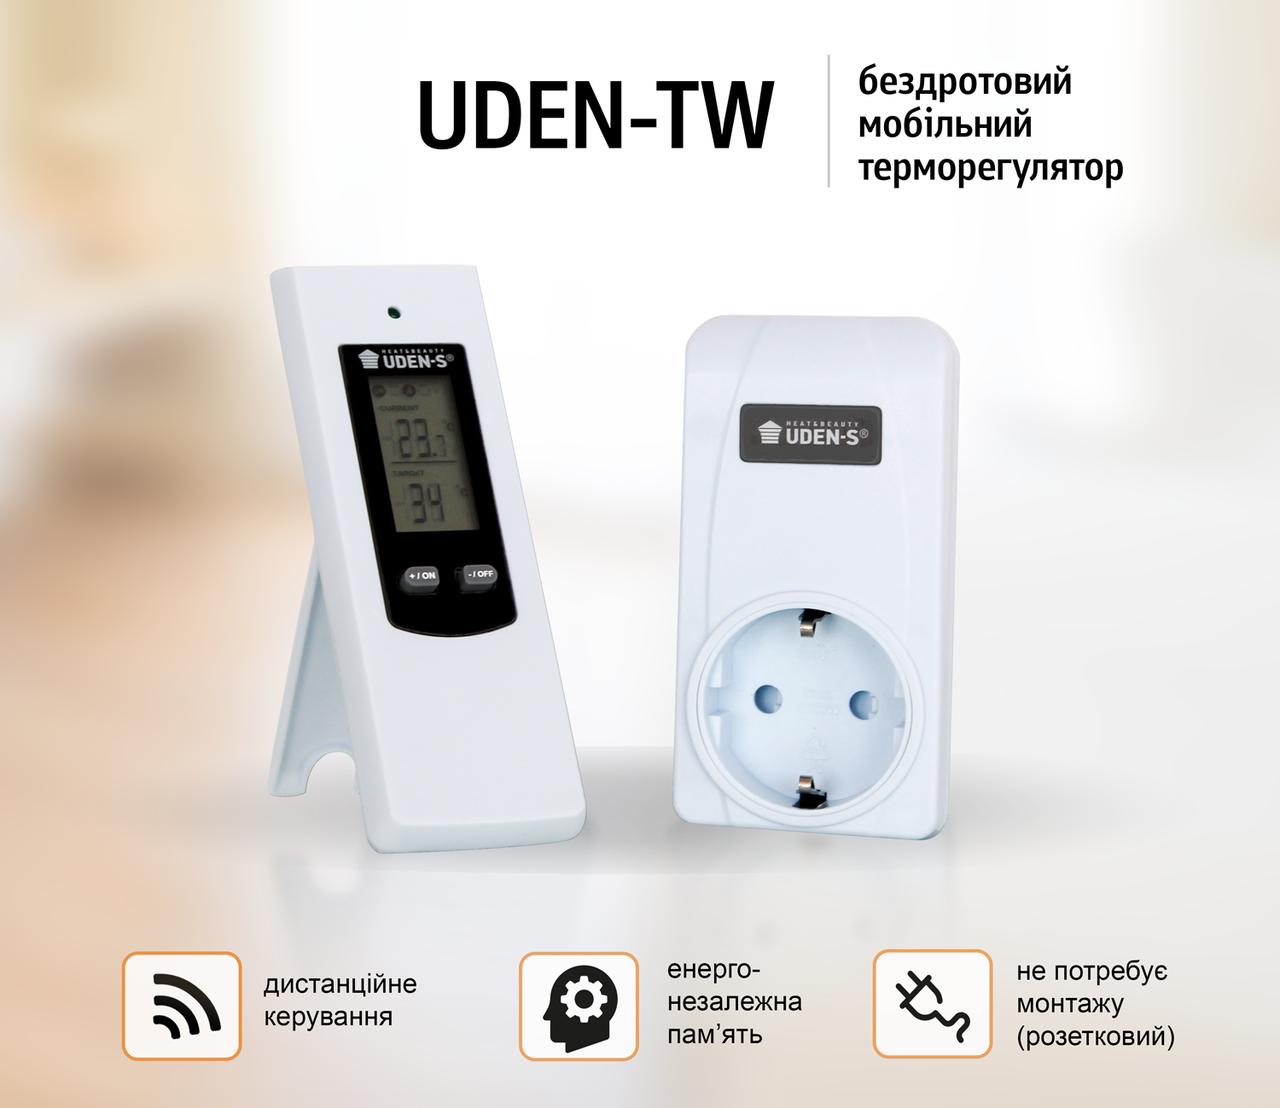 Терморегулятор UDEN-TW (бездротовий розетковий)